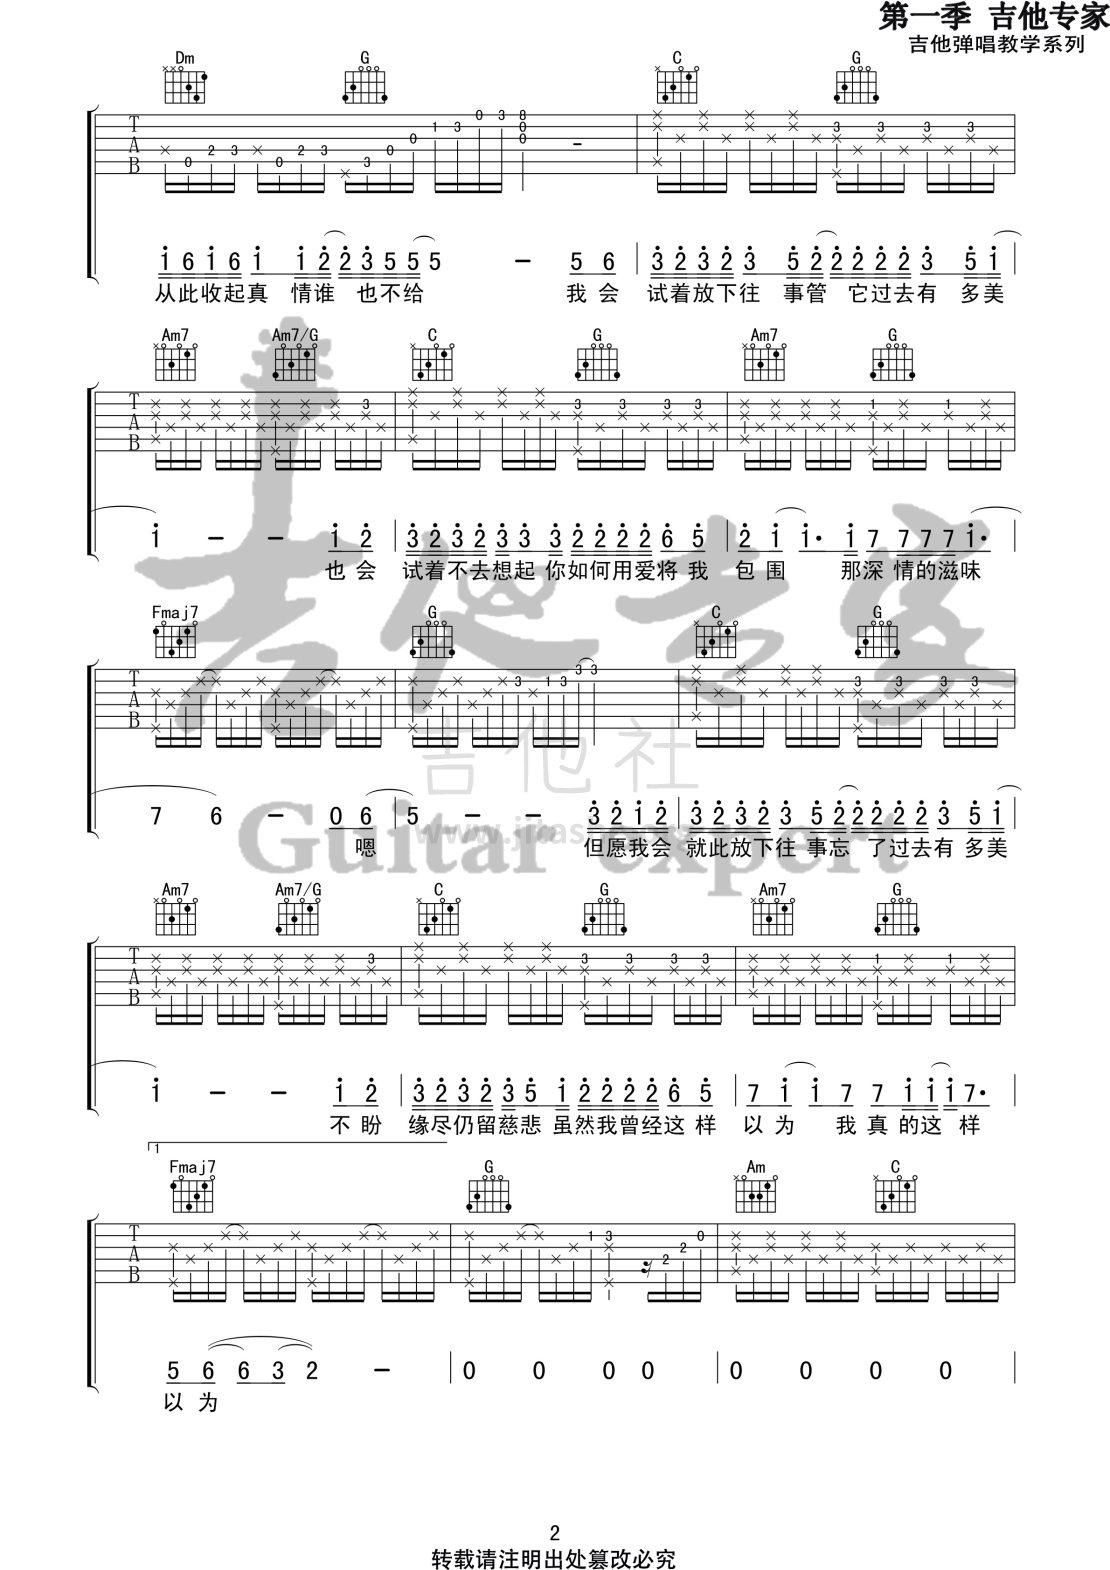 为你我受冷风吹(音艺吉他专家弹唱教学:第一季第4集)吉他谱(图片谱,弹唱,伴奏,教程)_胡彦斌(Anson Hu)_为你我受冷风吹2 第一季第四集.jpg